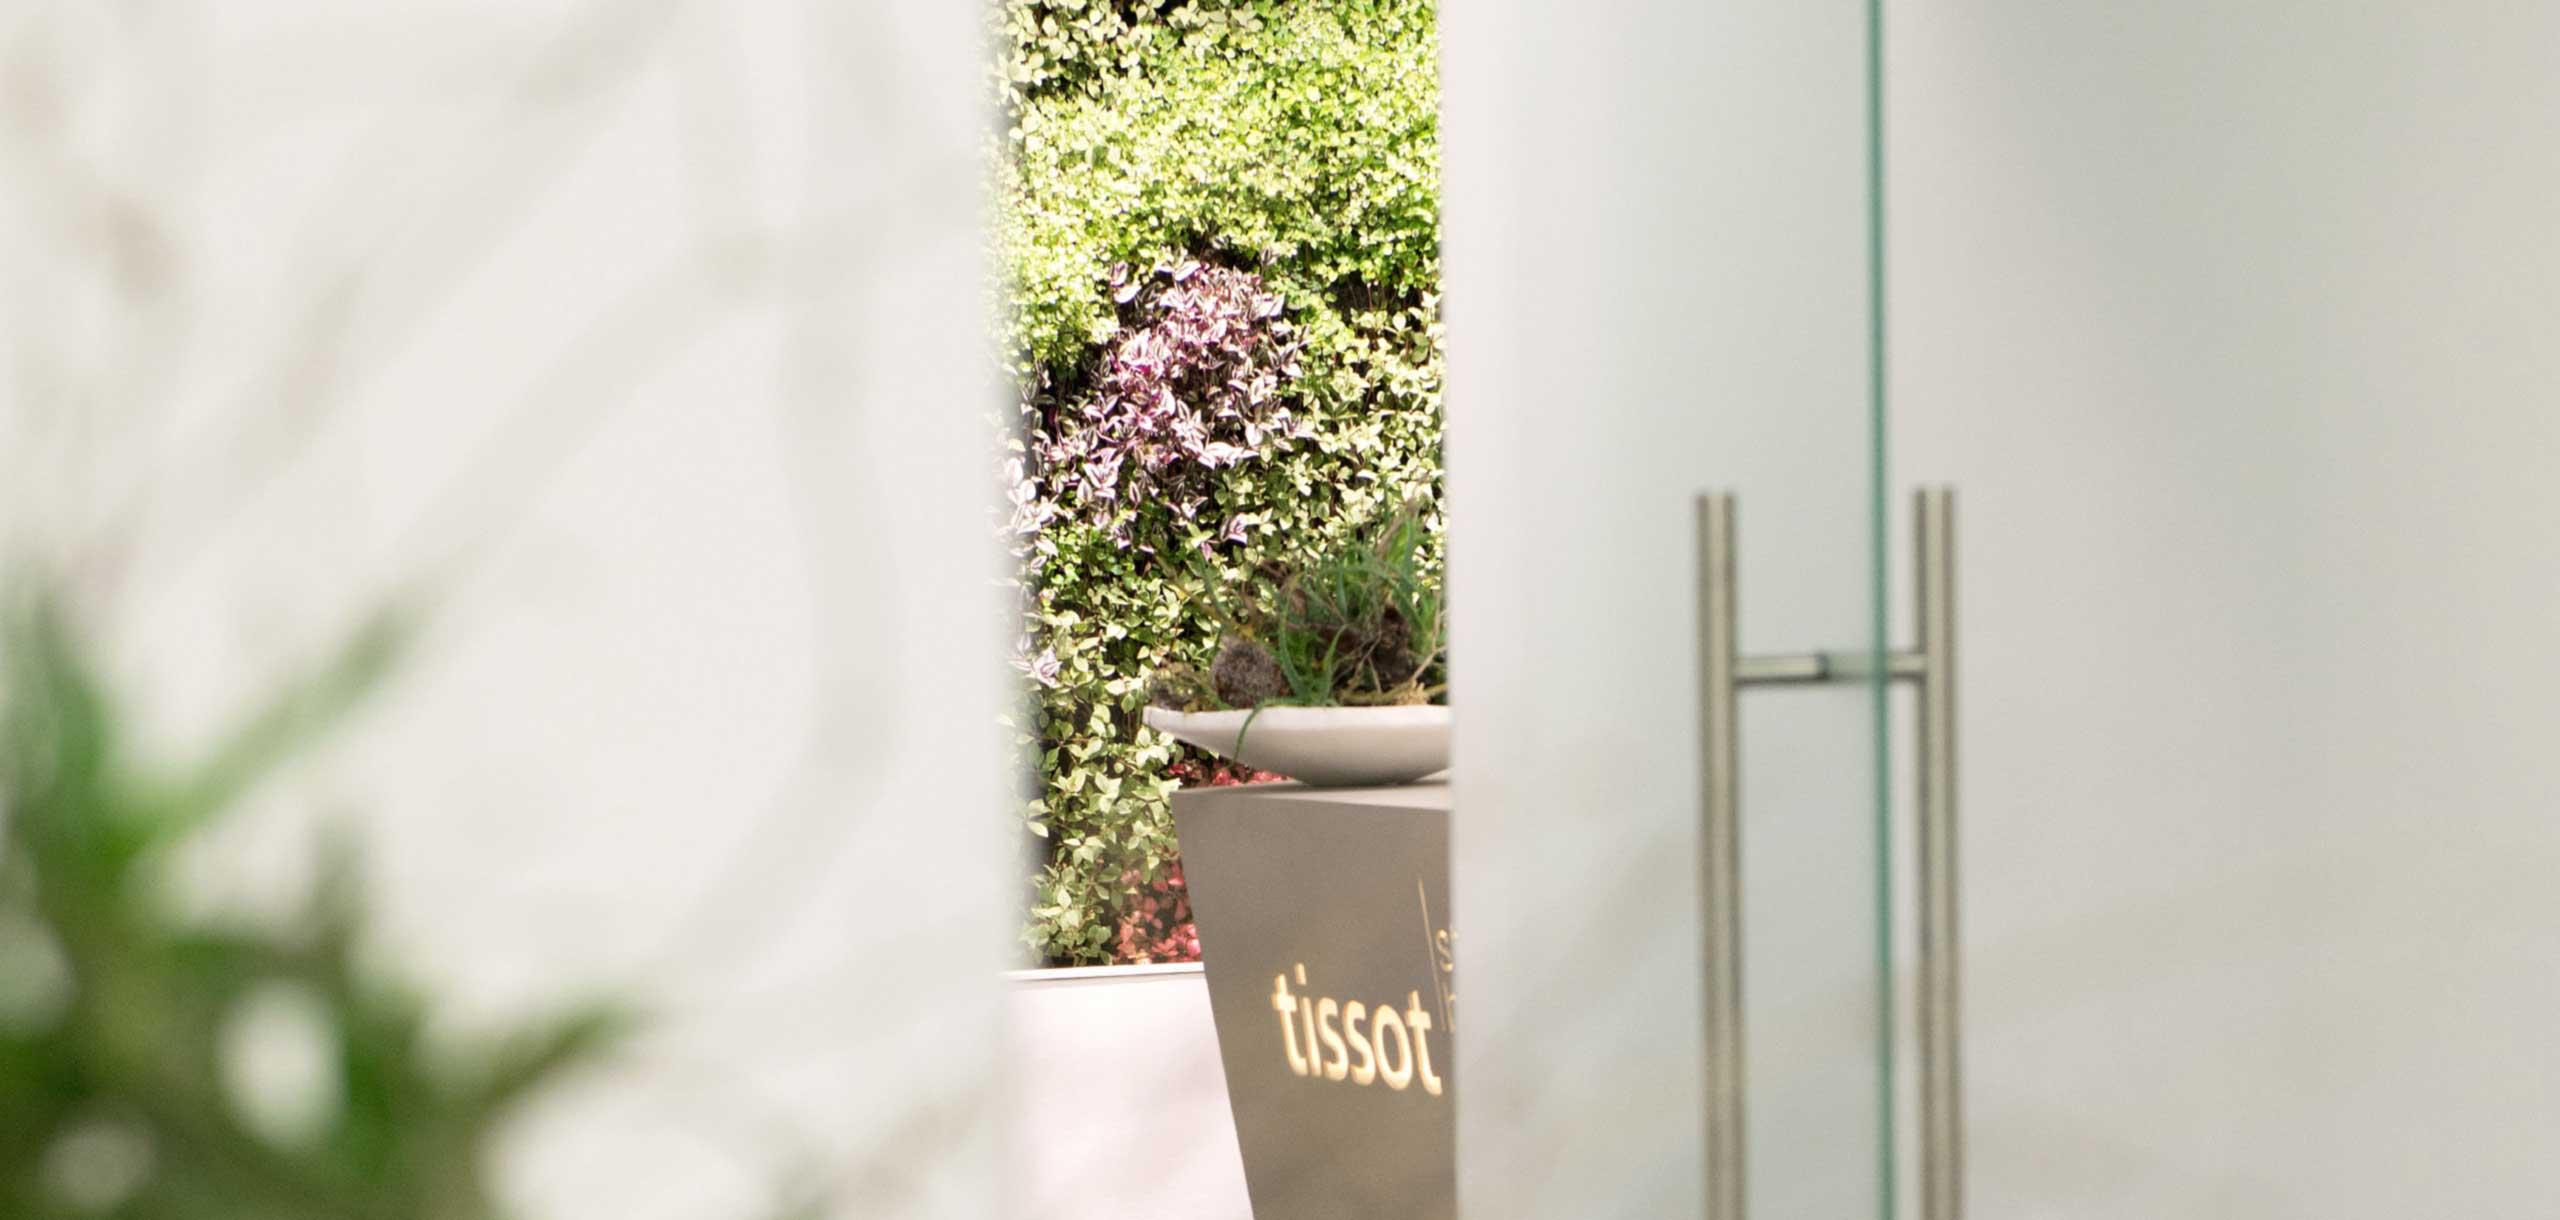 Checkliste Gemeinsame Prüfung der Lohnabgaben » Tissot ...